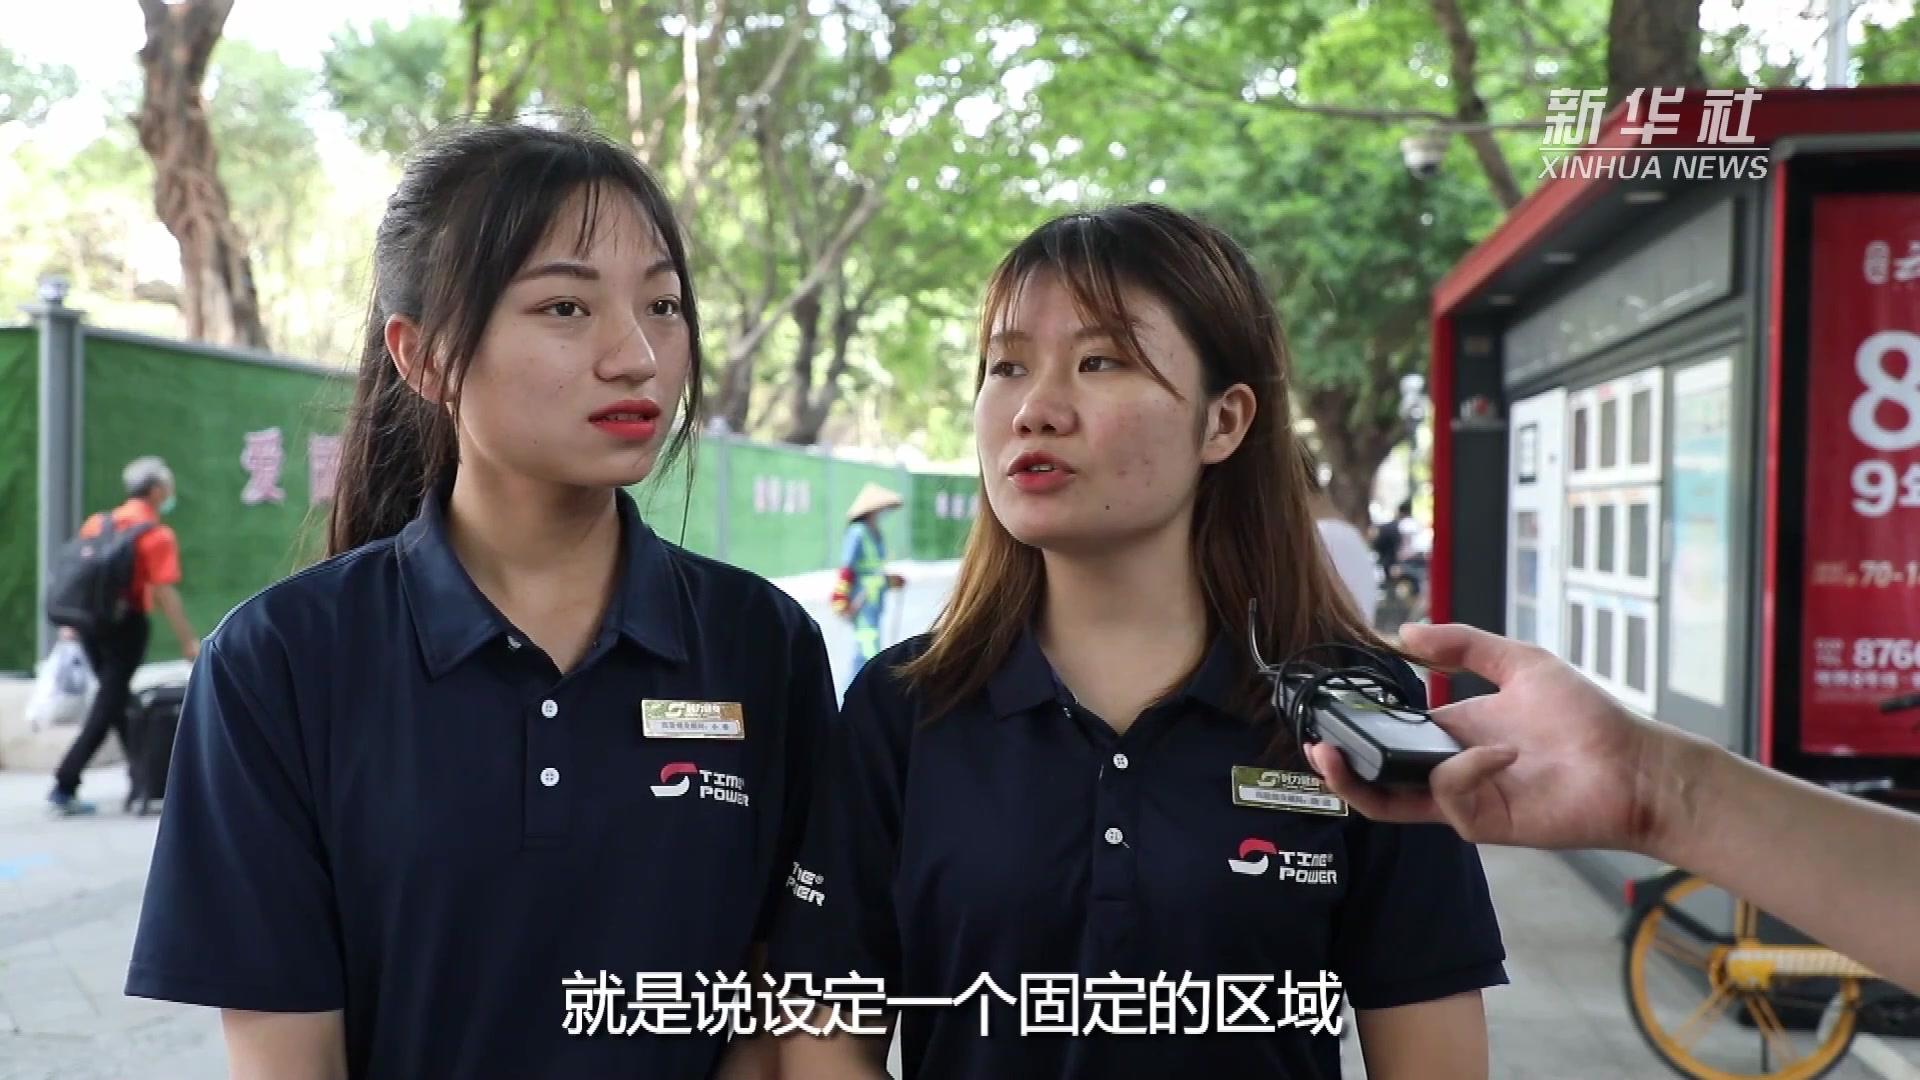 新华社调查:停在停车区还被罚款?共享单车到底应该停在哪